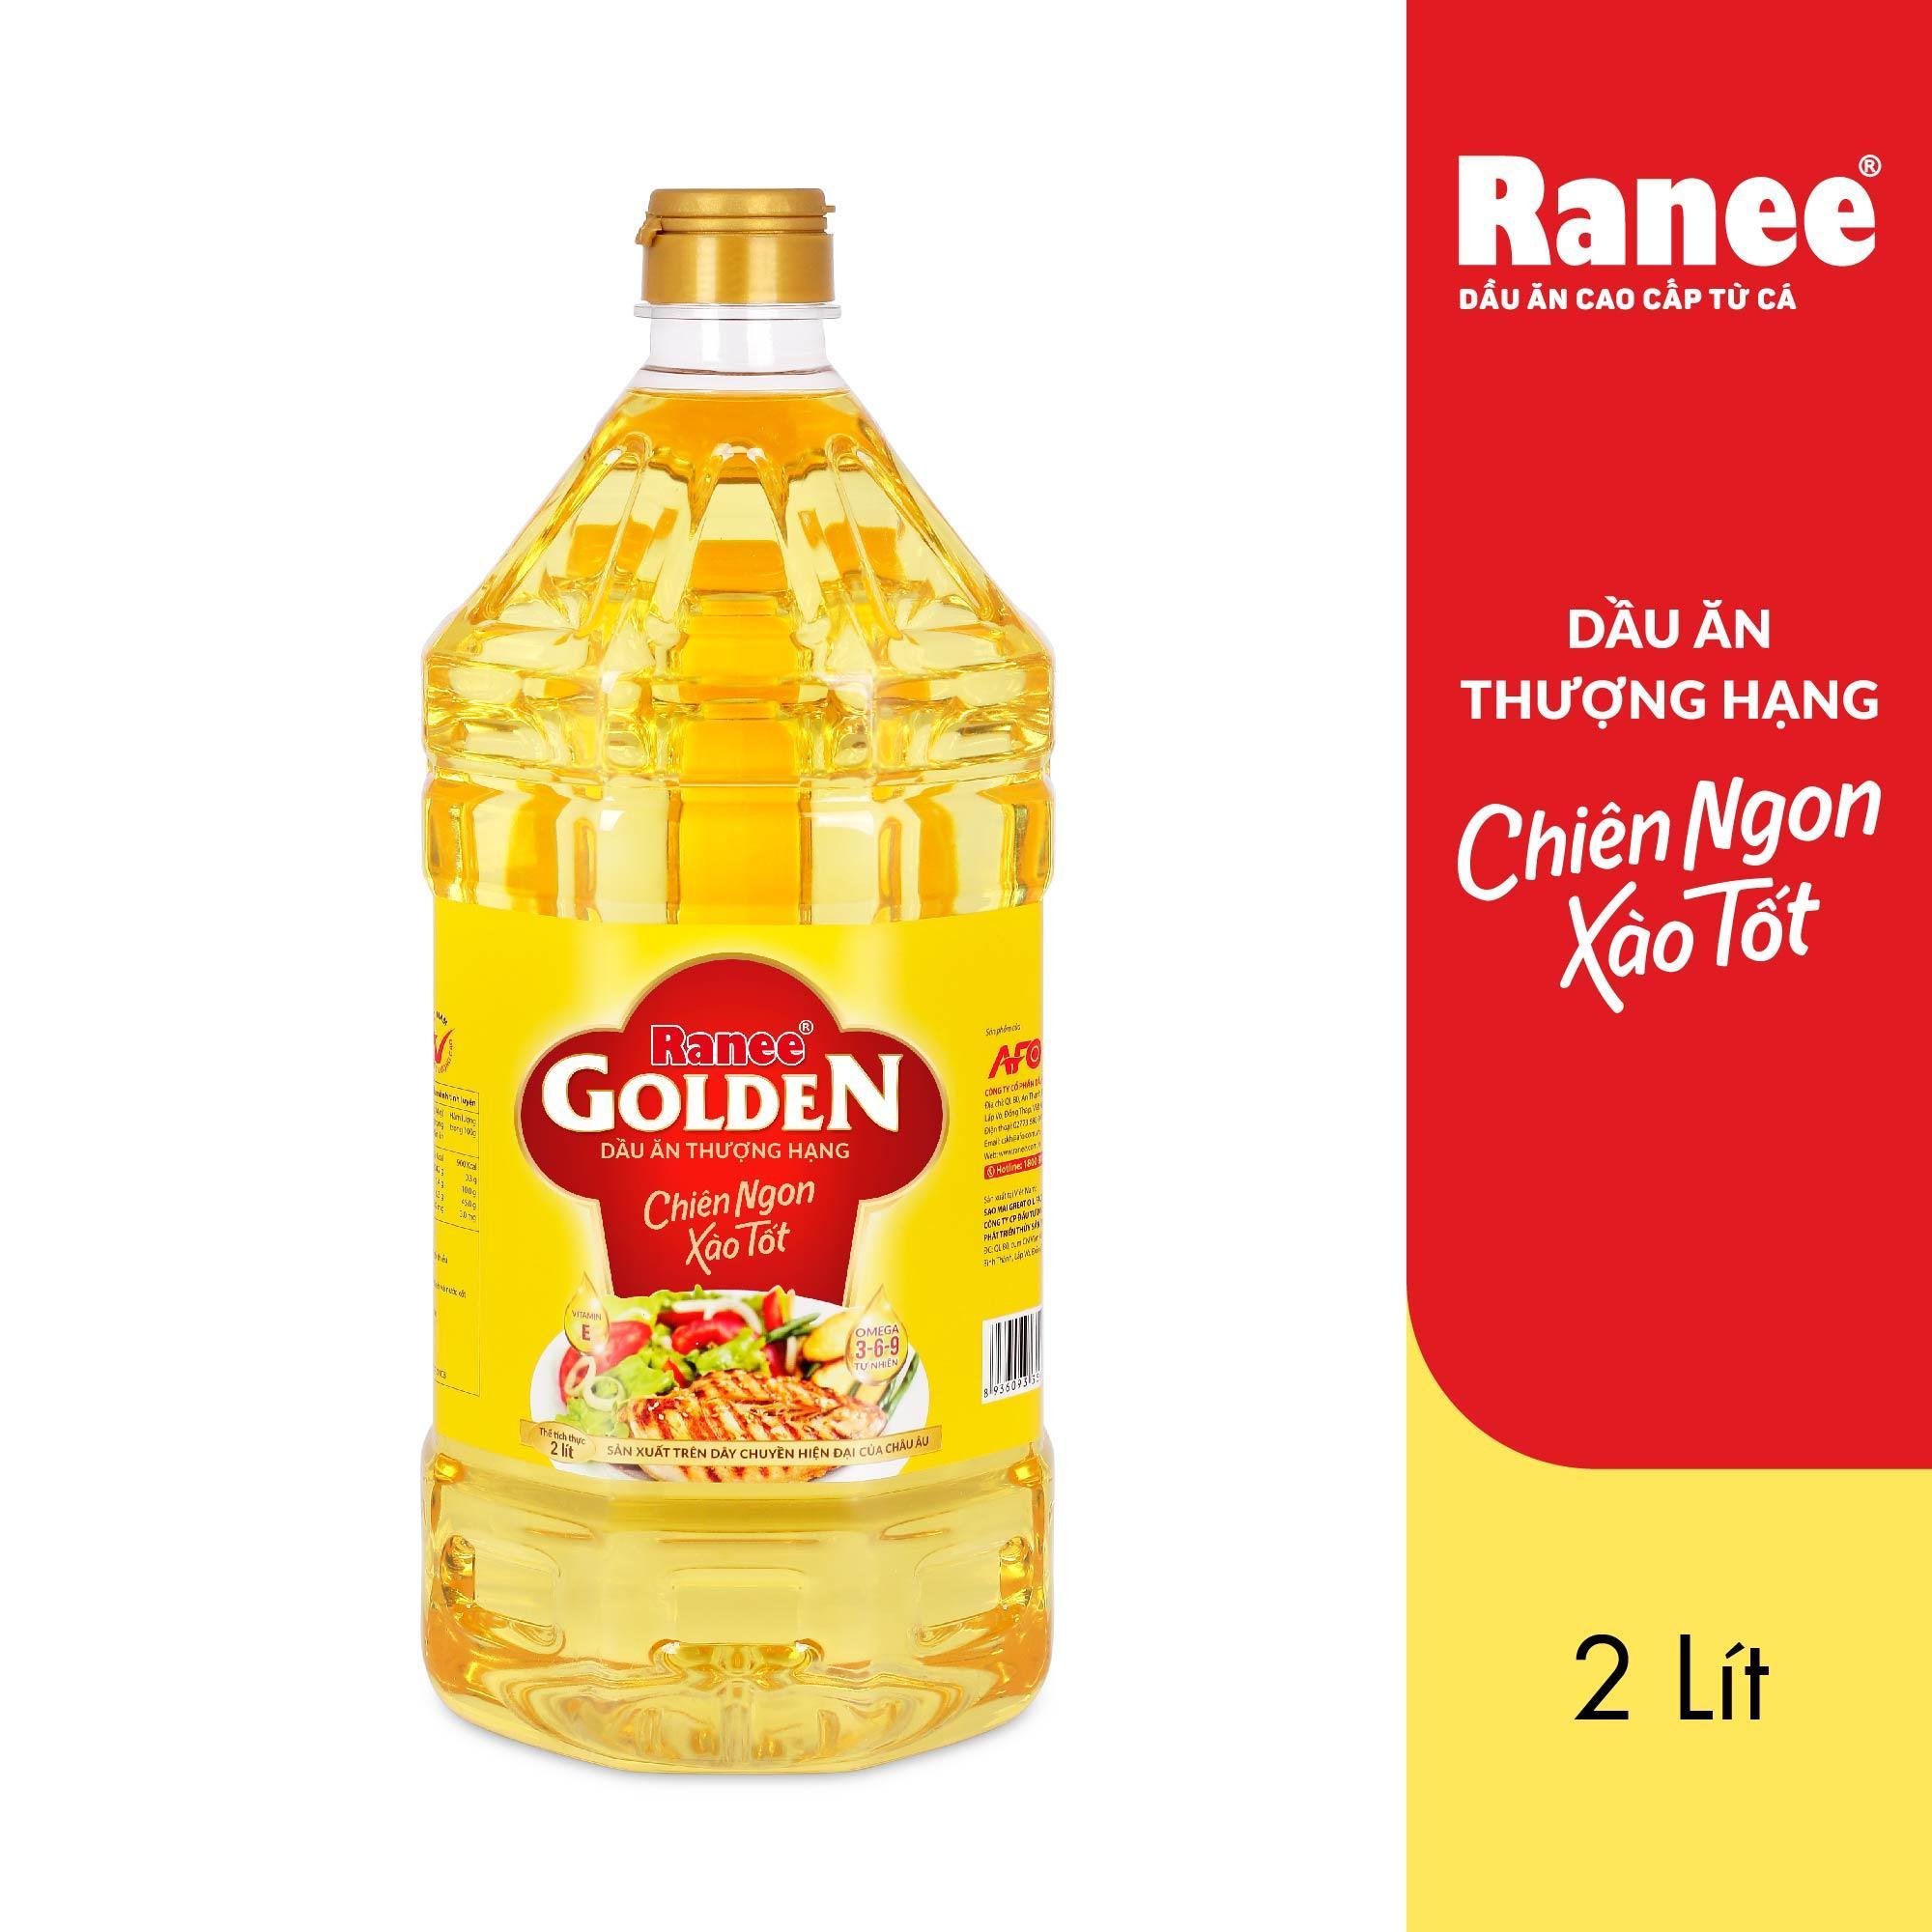 Dầu ăn thượng hạng Ranee Golden 2 lít